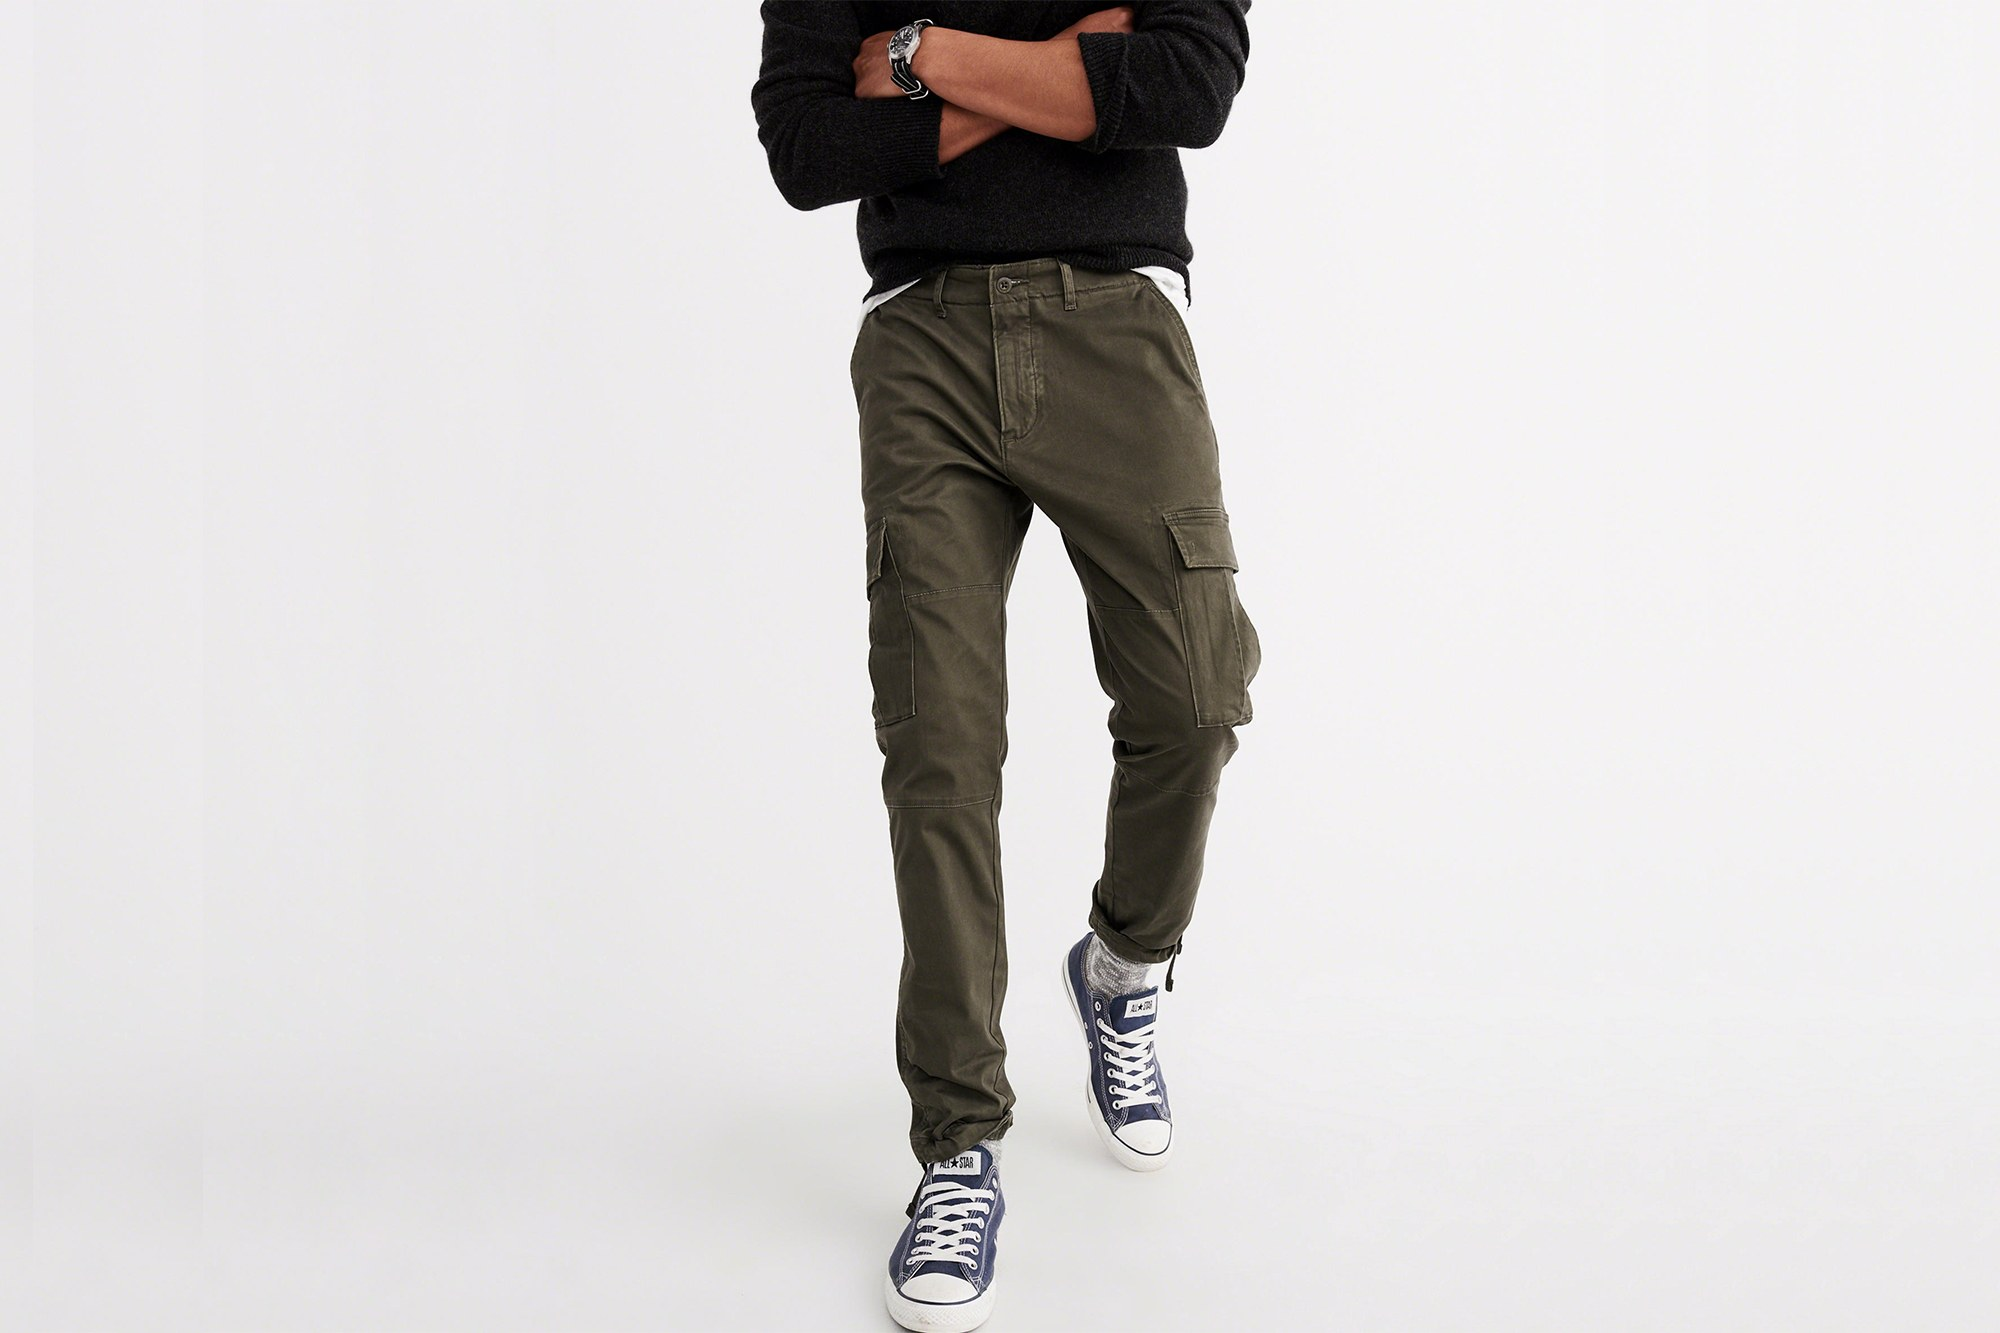 El Pantalon Tipo Cargo Es El Unico Que Podras Usar Durante Todo El 2019 Badhombre Magazine